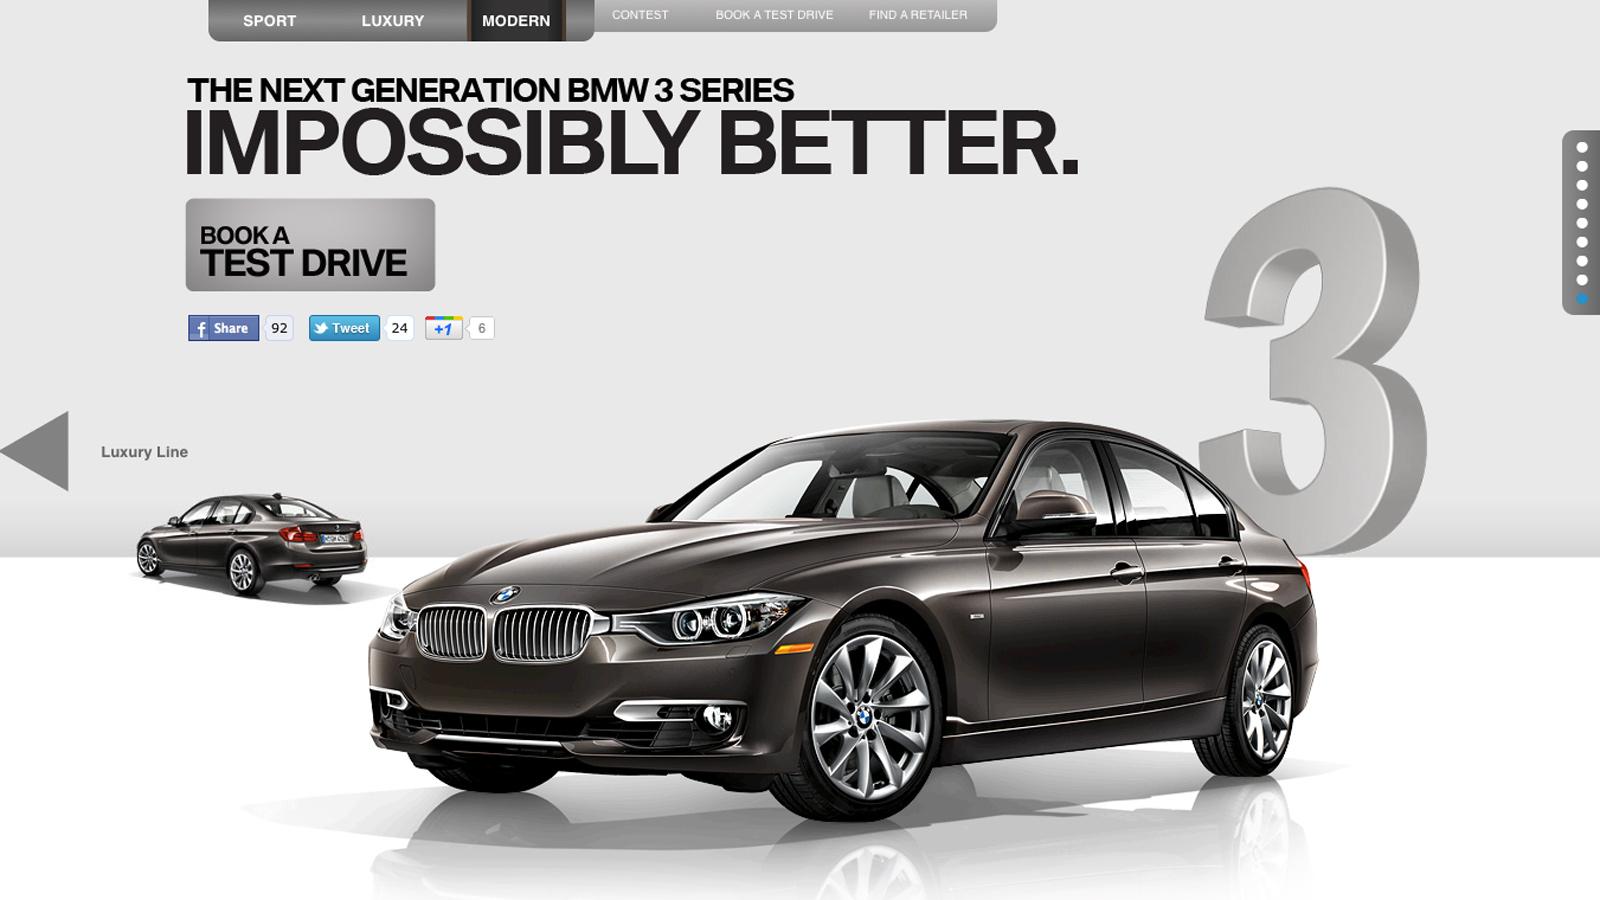 BMW Canada | Next 3 Series | Website Design & Development